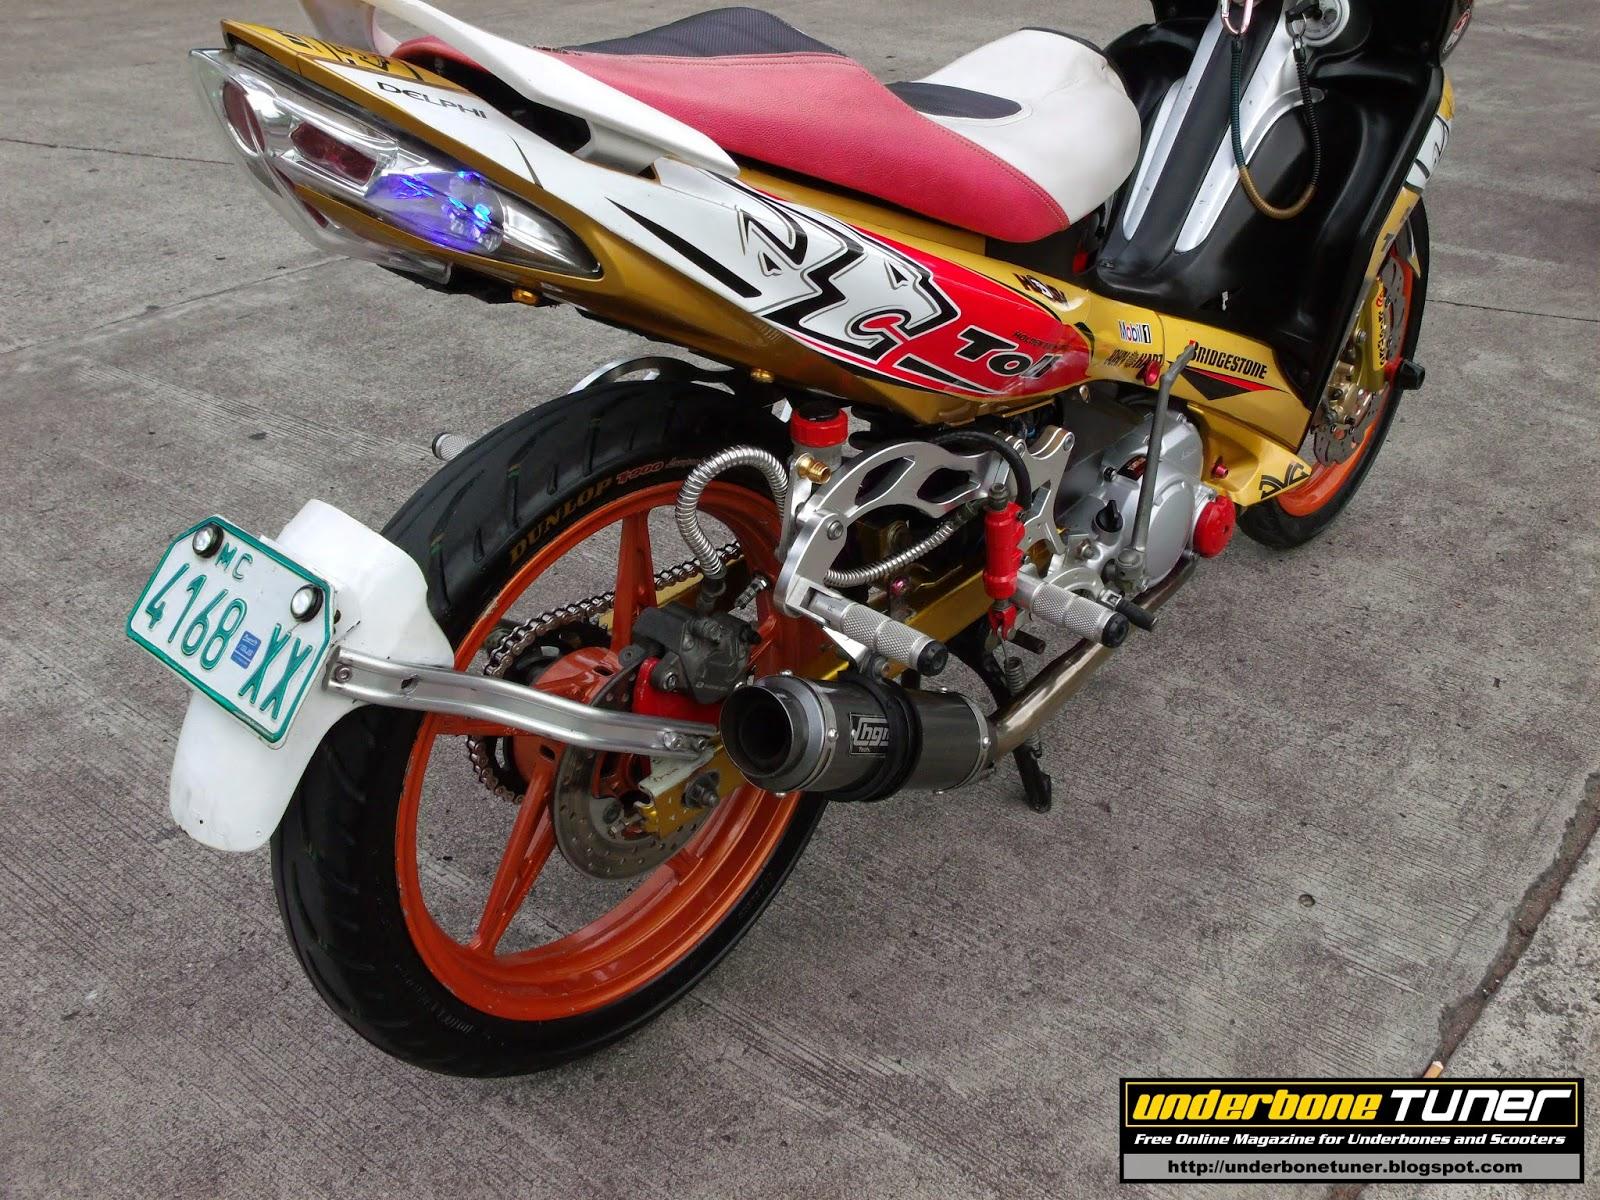 Underbone Tuner: Modified Bikes: MotoGp Inspired Yamaha